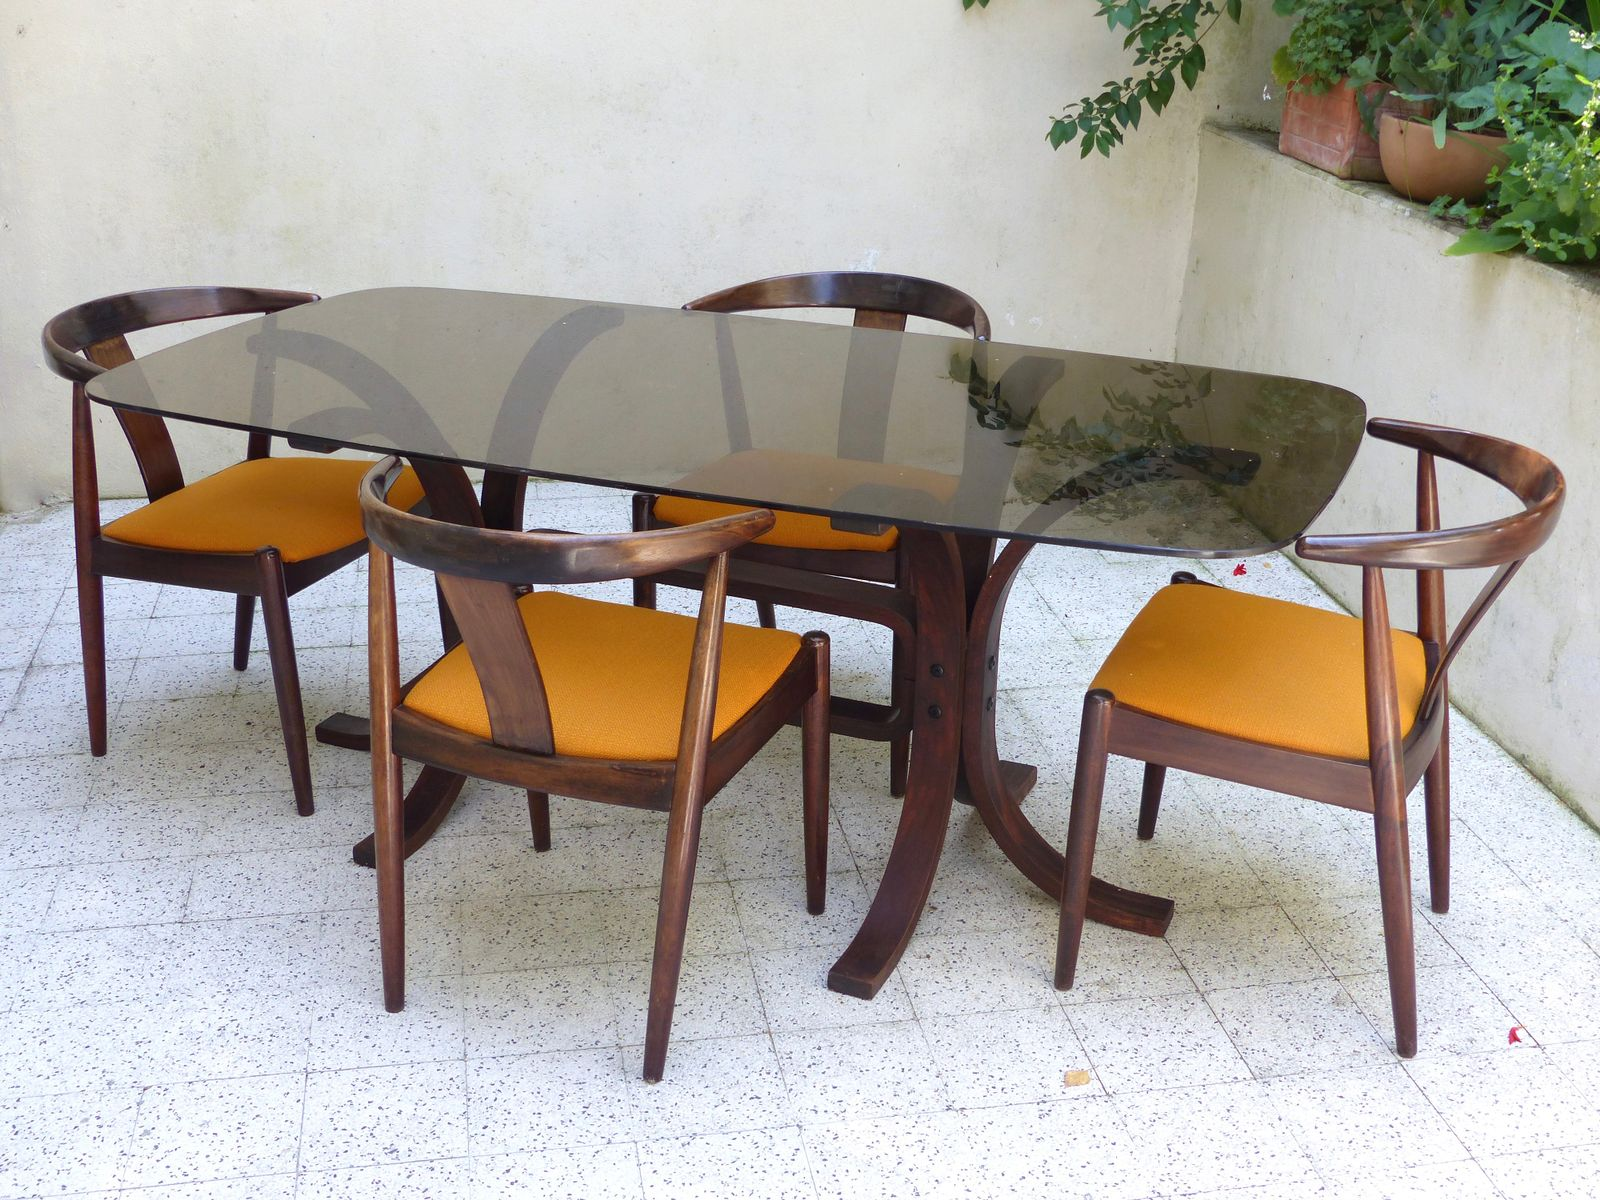 Tisch holz glas tisch holz glas deutsche dekor 2018 for Tisch glas holz